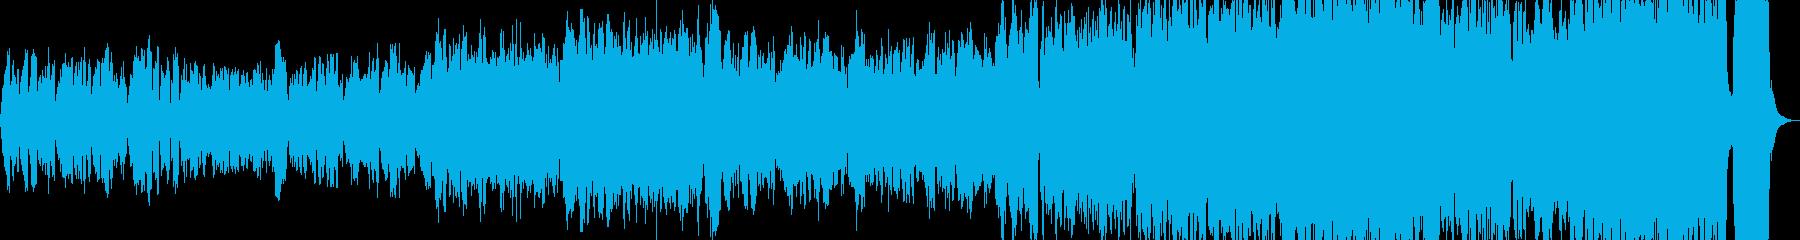 オーケストラ映像や表彰式の曲の再生済みの波形